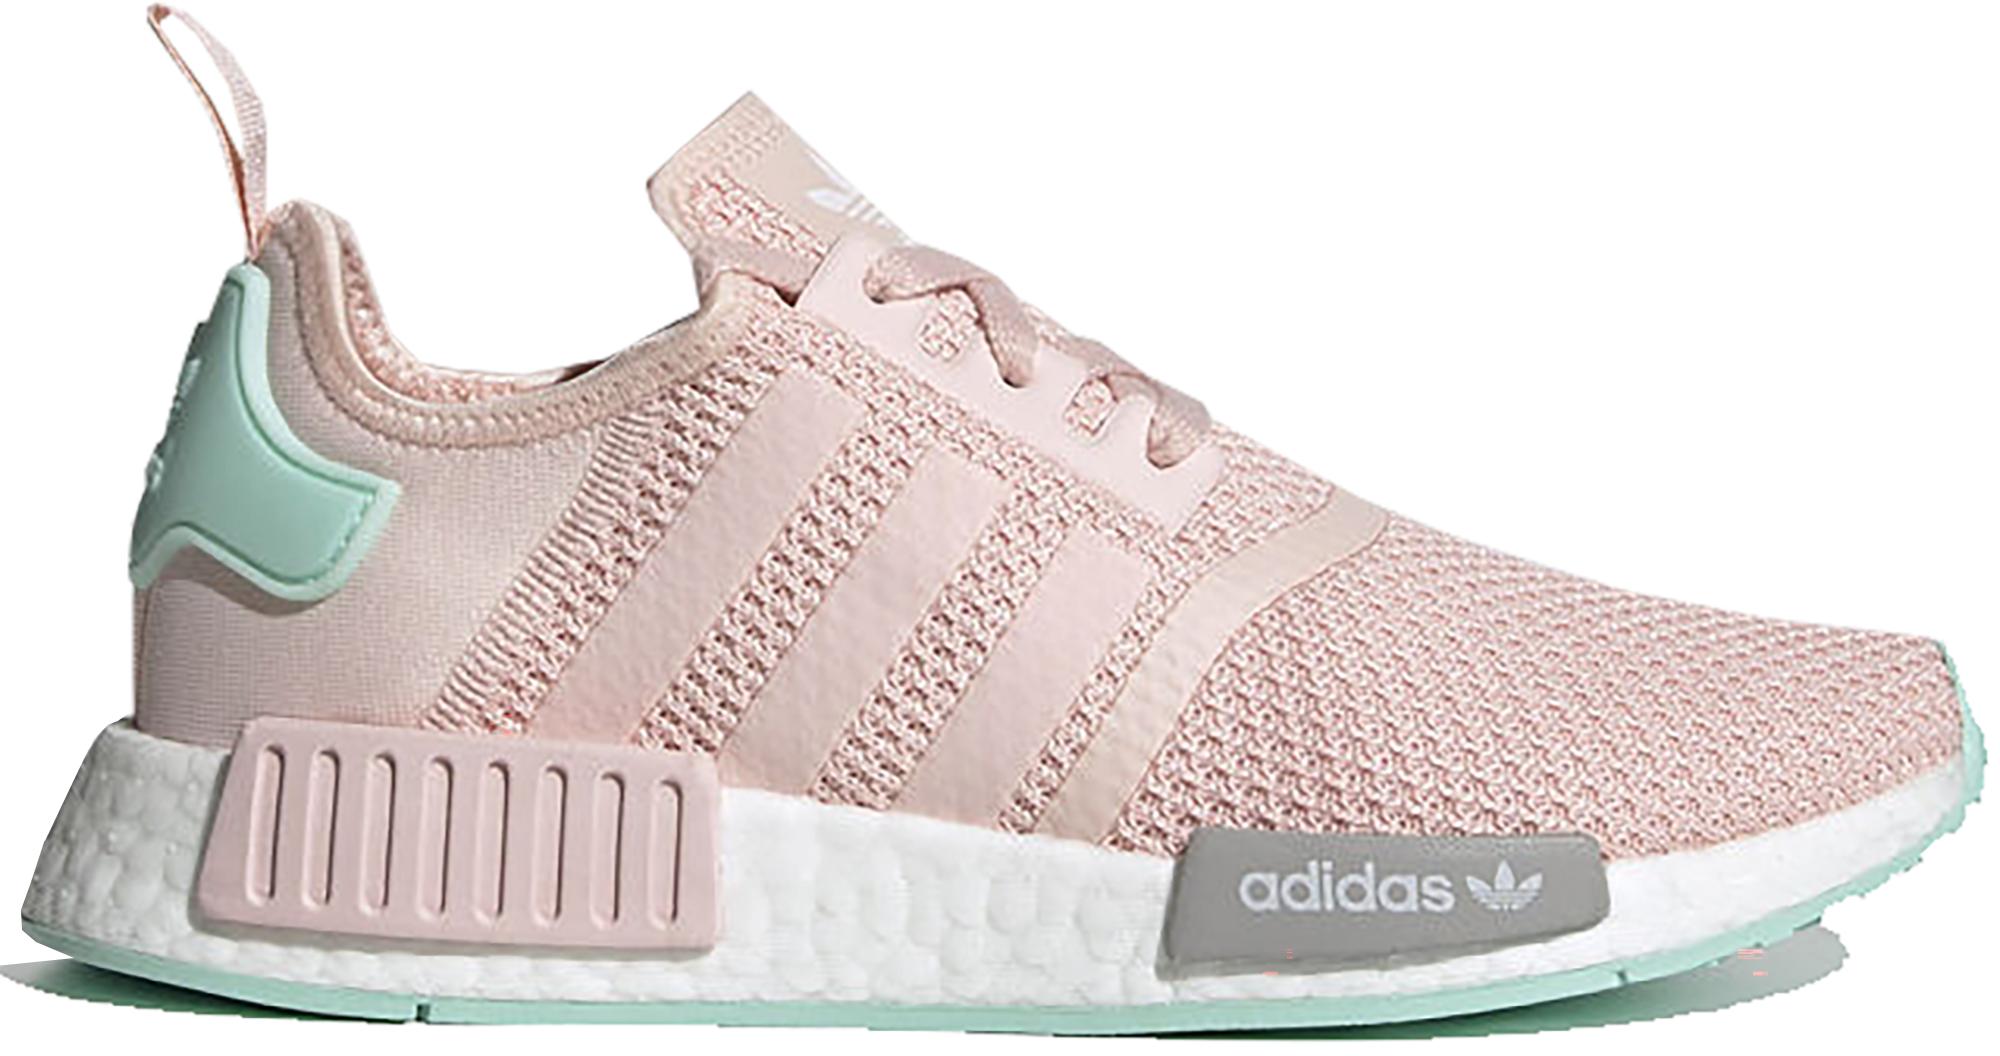 adidas NMD R1 Pink Grey Mint (W) - FX7198